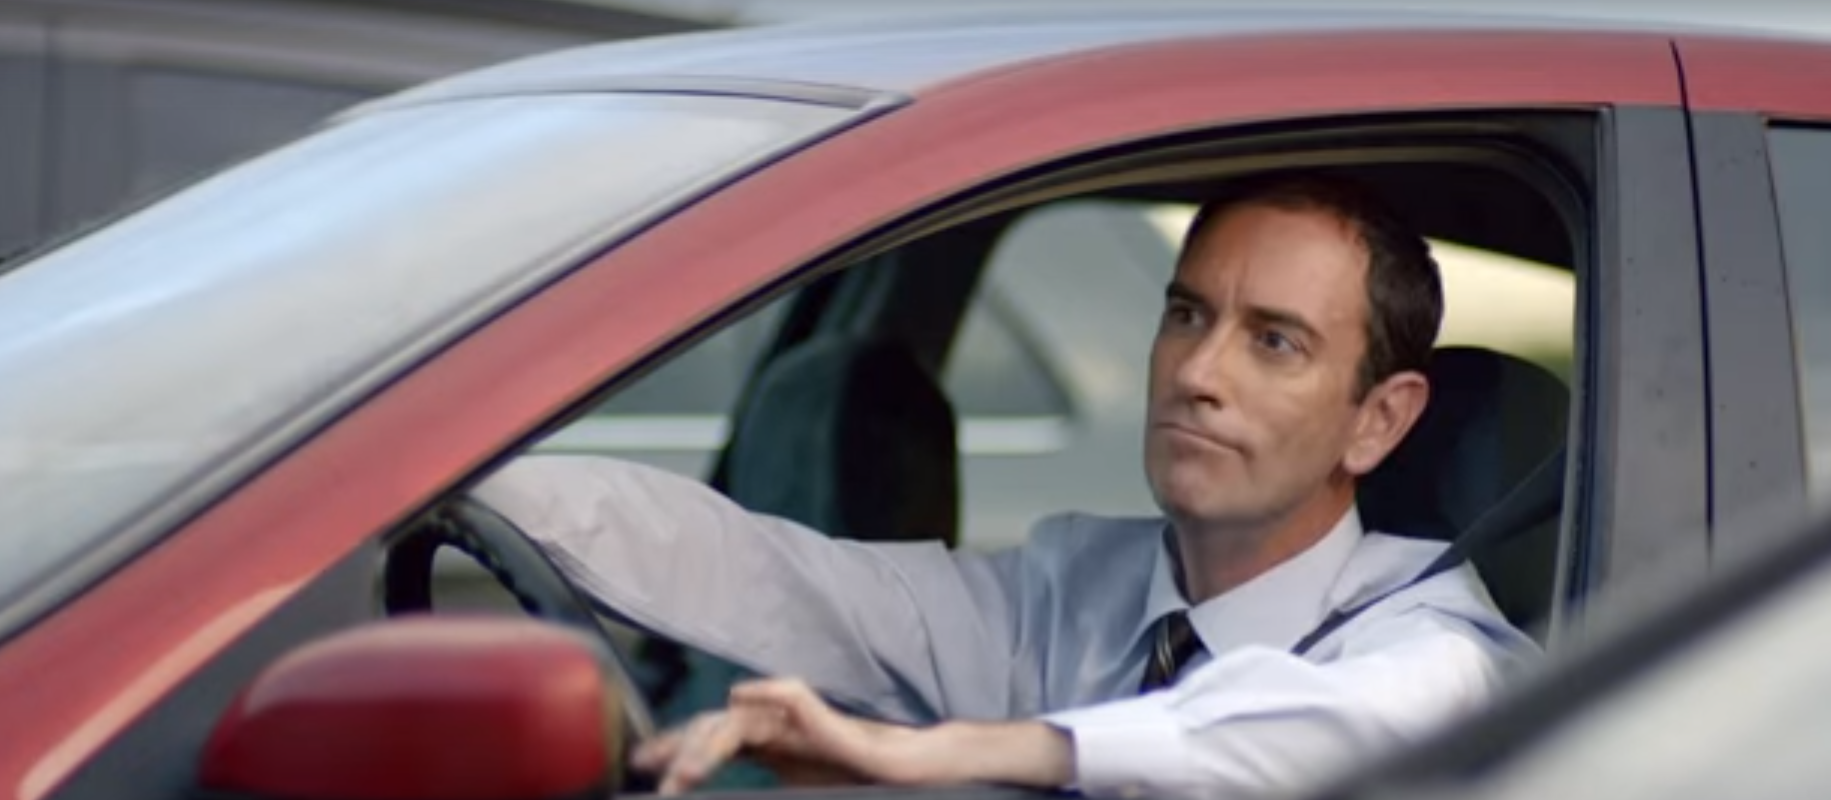 Tráfico inicia una  campaña divulgativa para concienciar sobre el uso de medios alternativos al coche